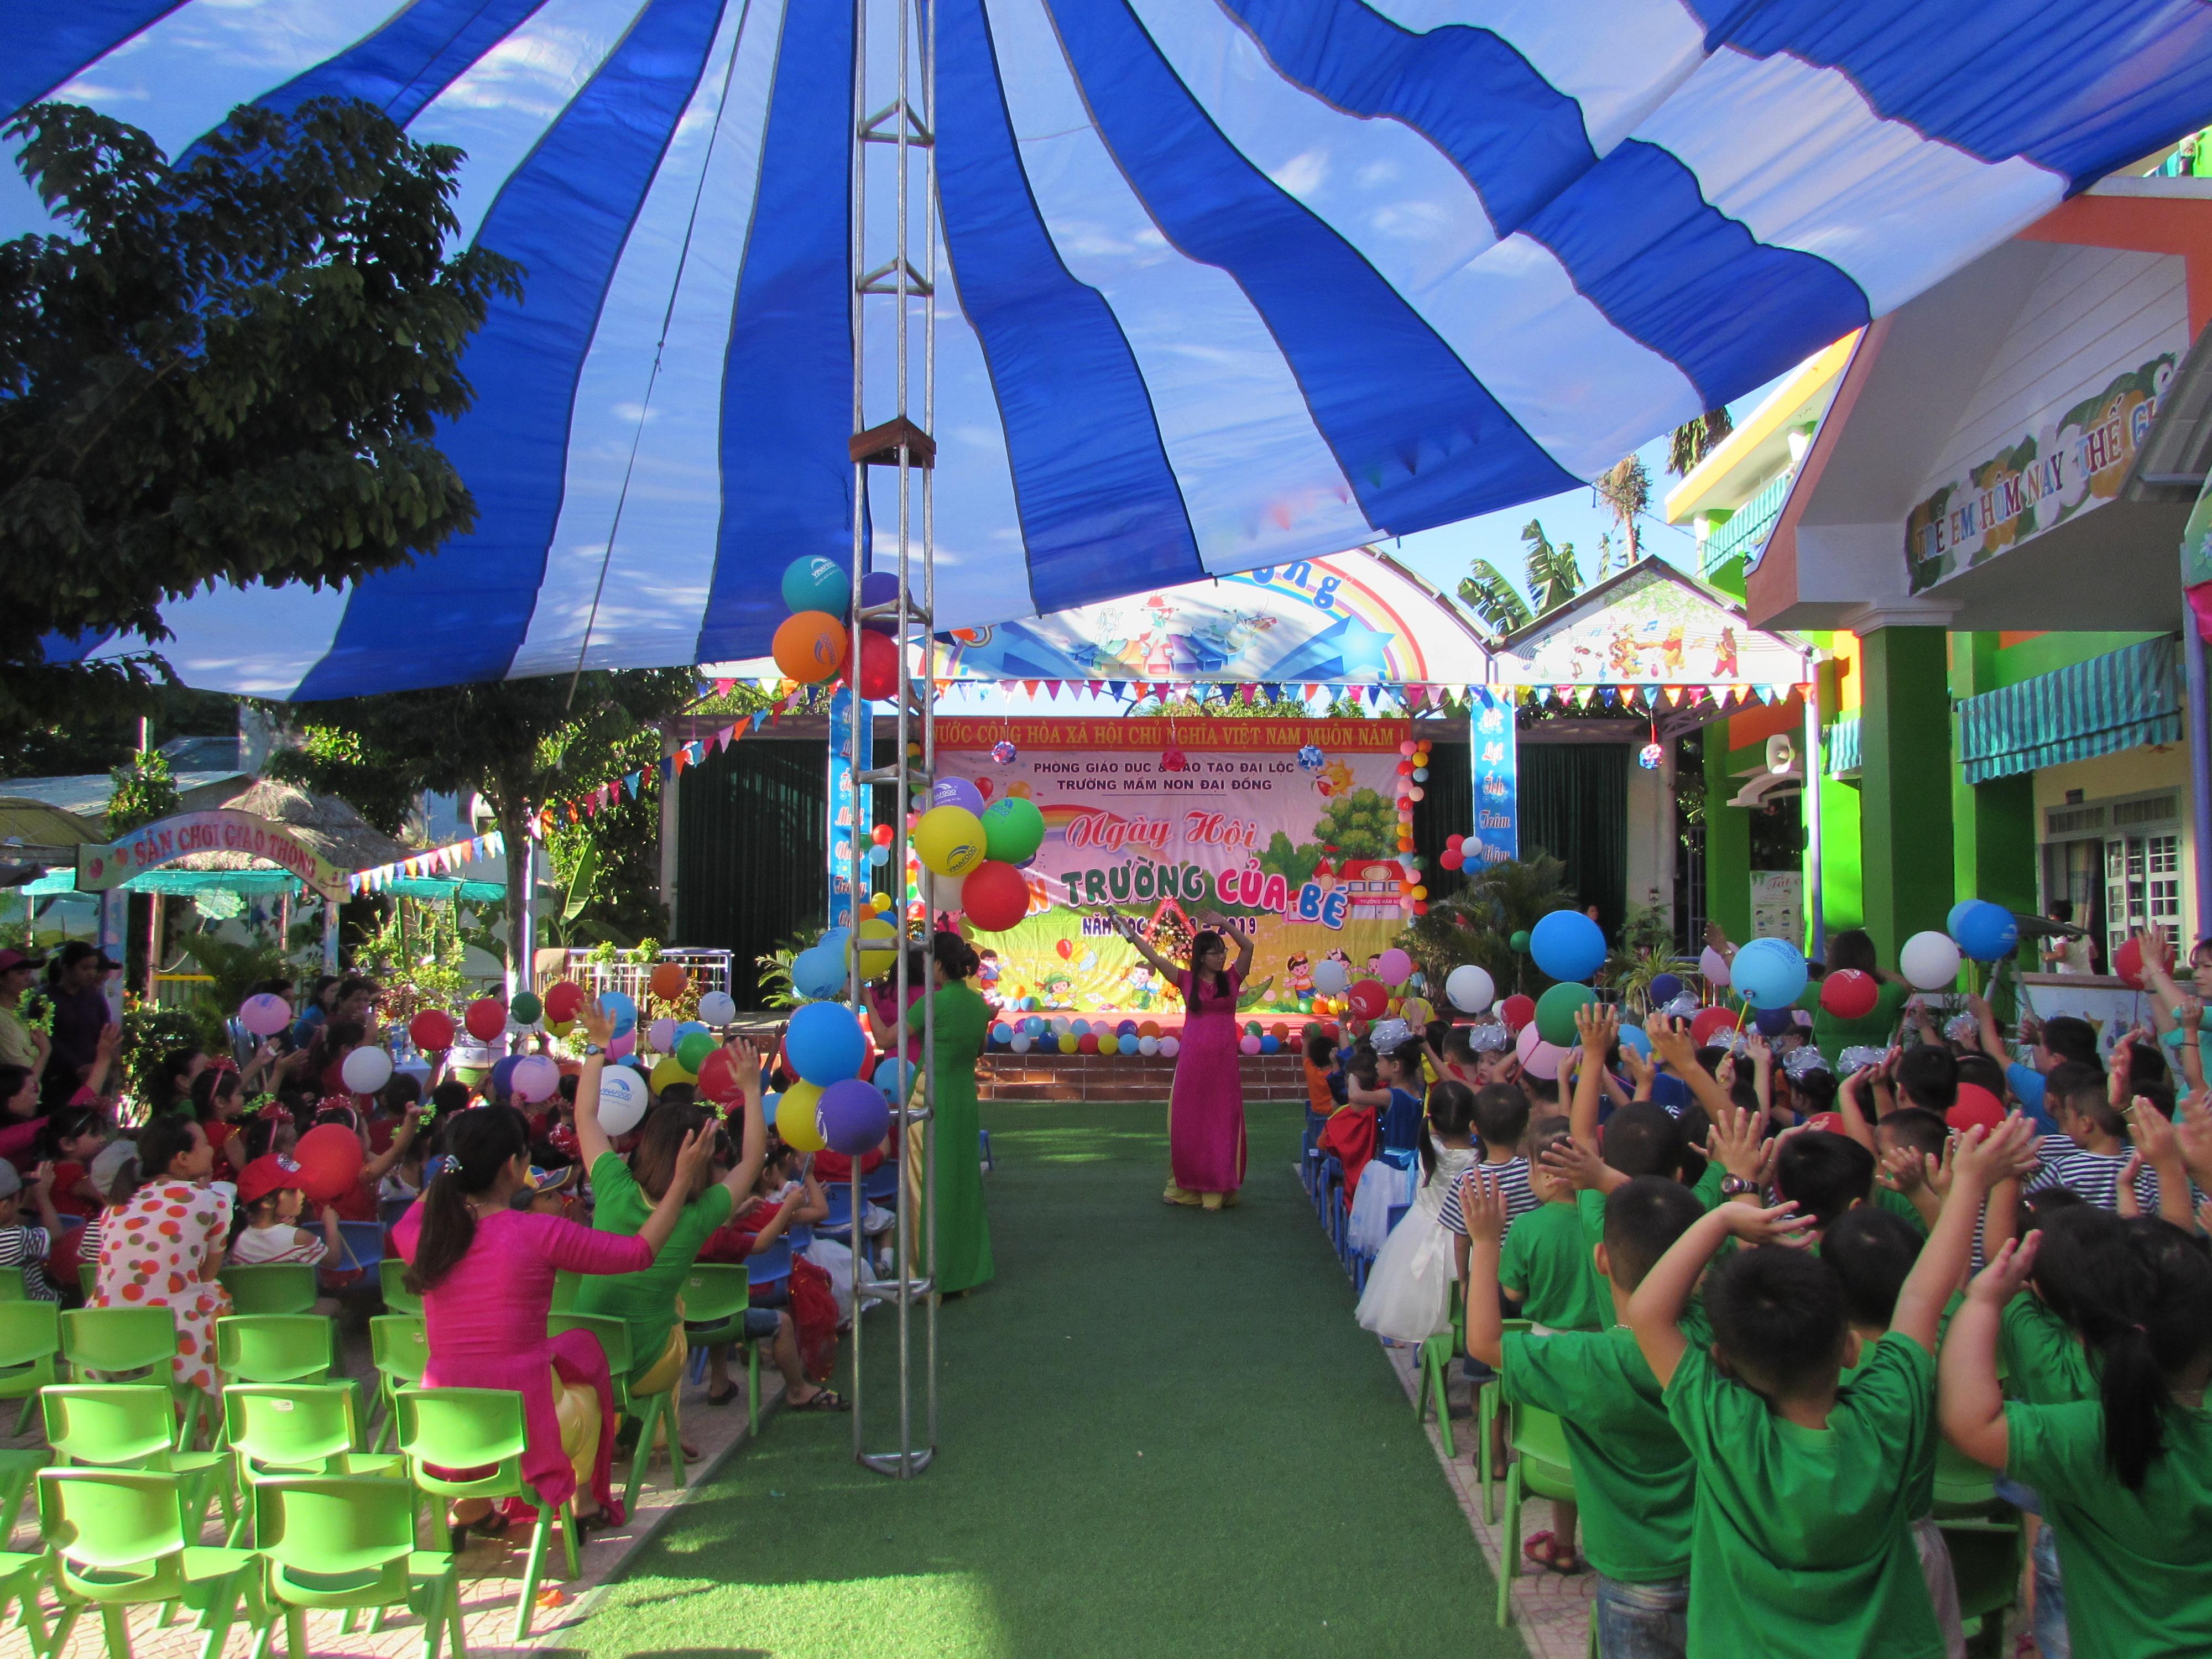 Ngày hội đến trường của bé năm học 2018 – 2019